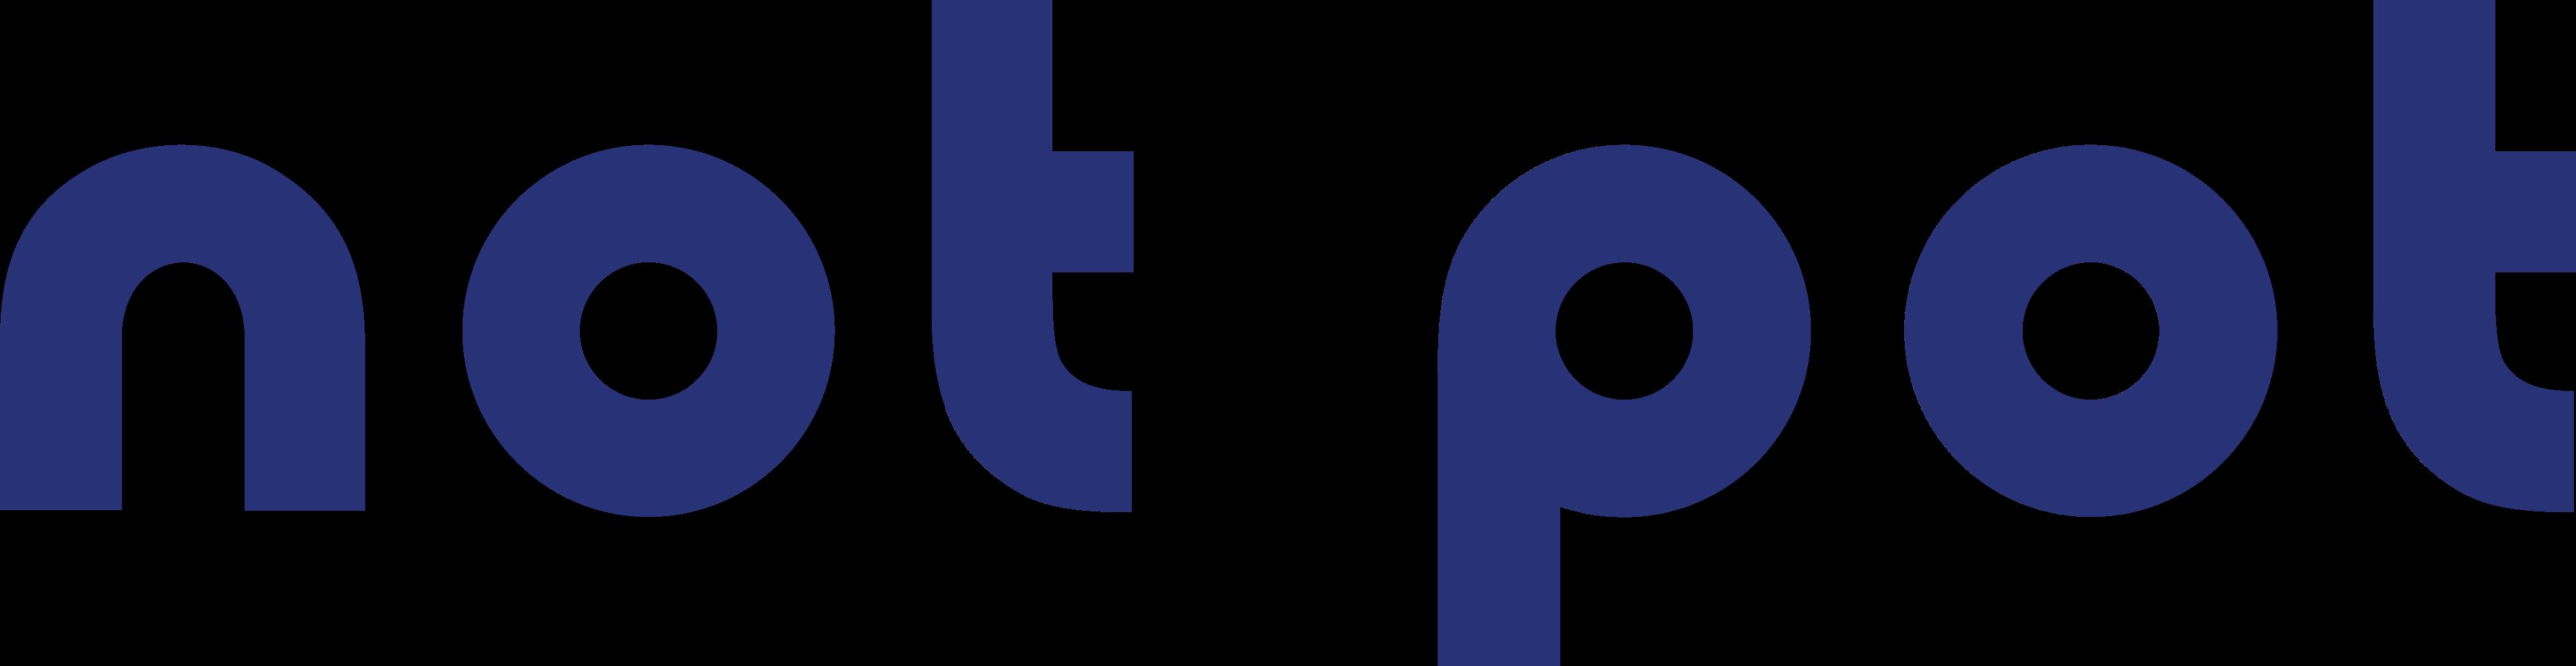 Not Pot logo